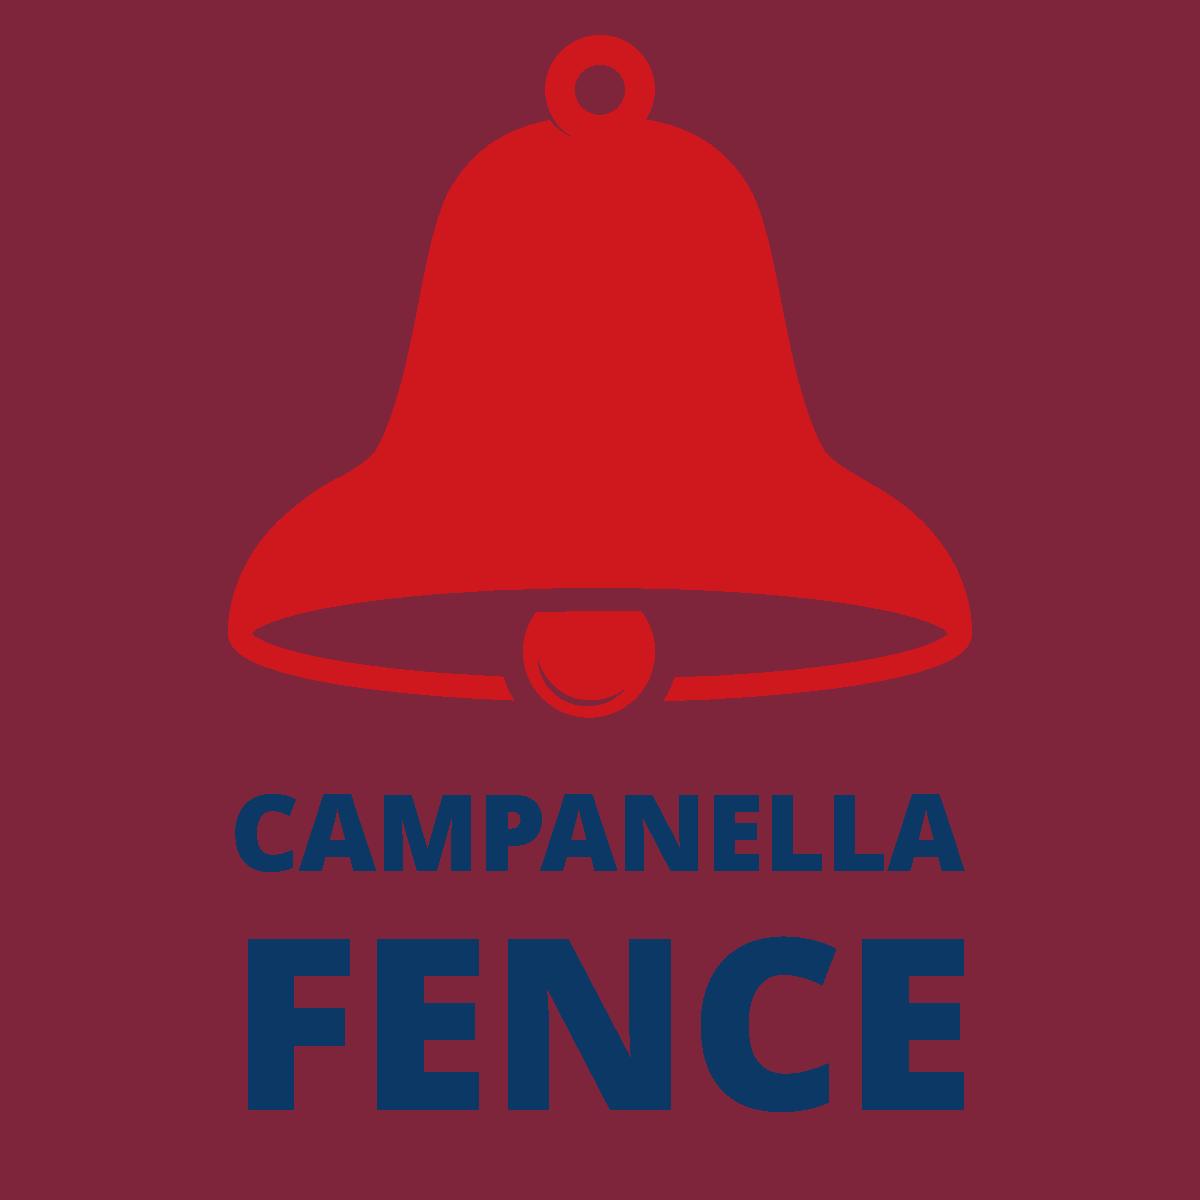 Logo Campanella Fence